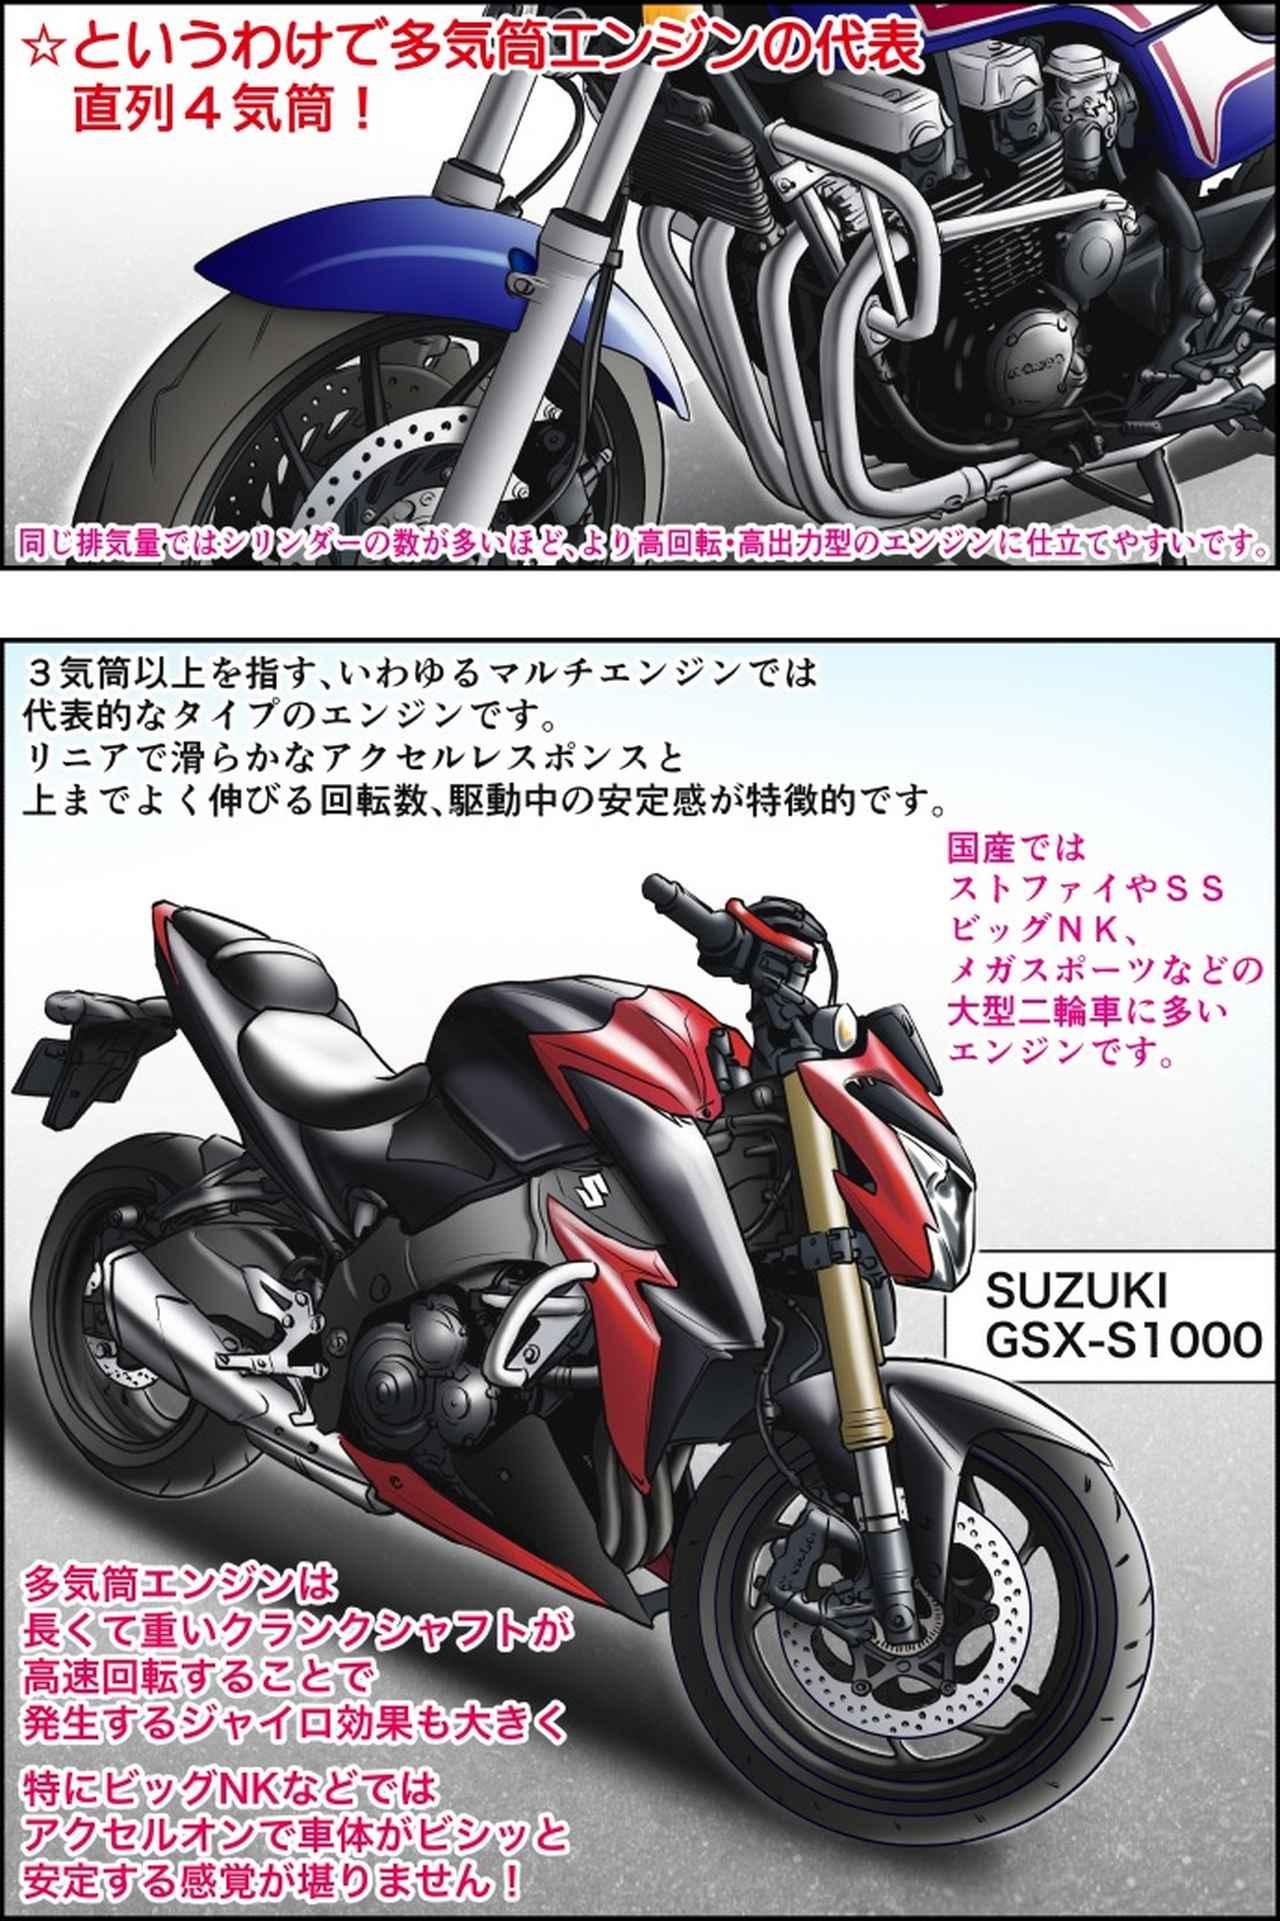 画像2: Motoジム! おまけのコーナー (多気筒とシングル・ツインエンジンの運動性の違い・その1)  作・ばどみゅーみん